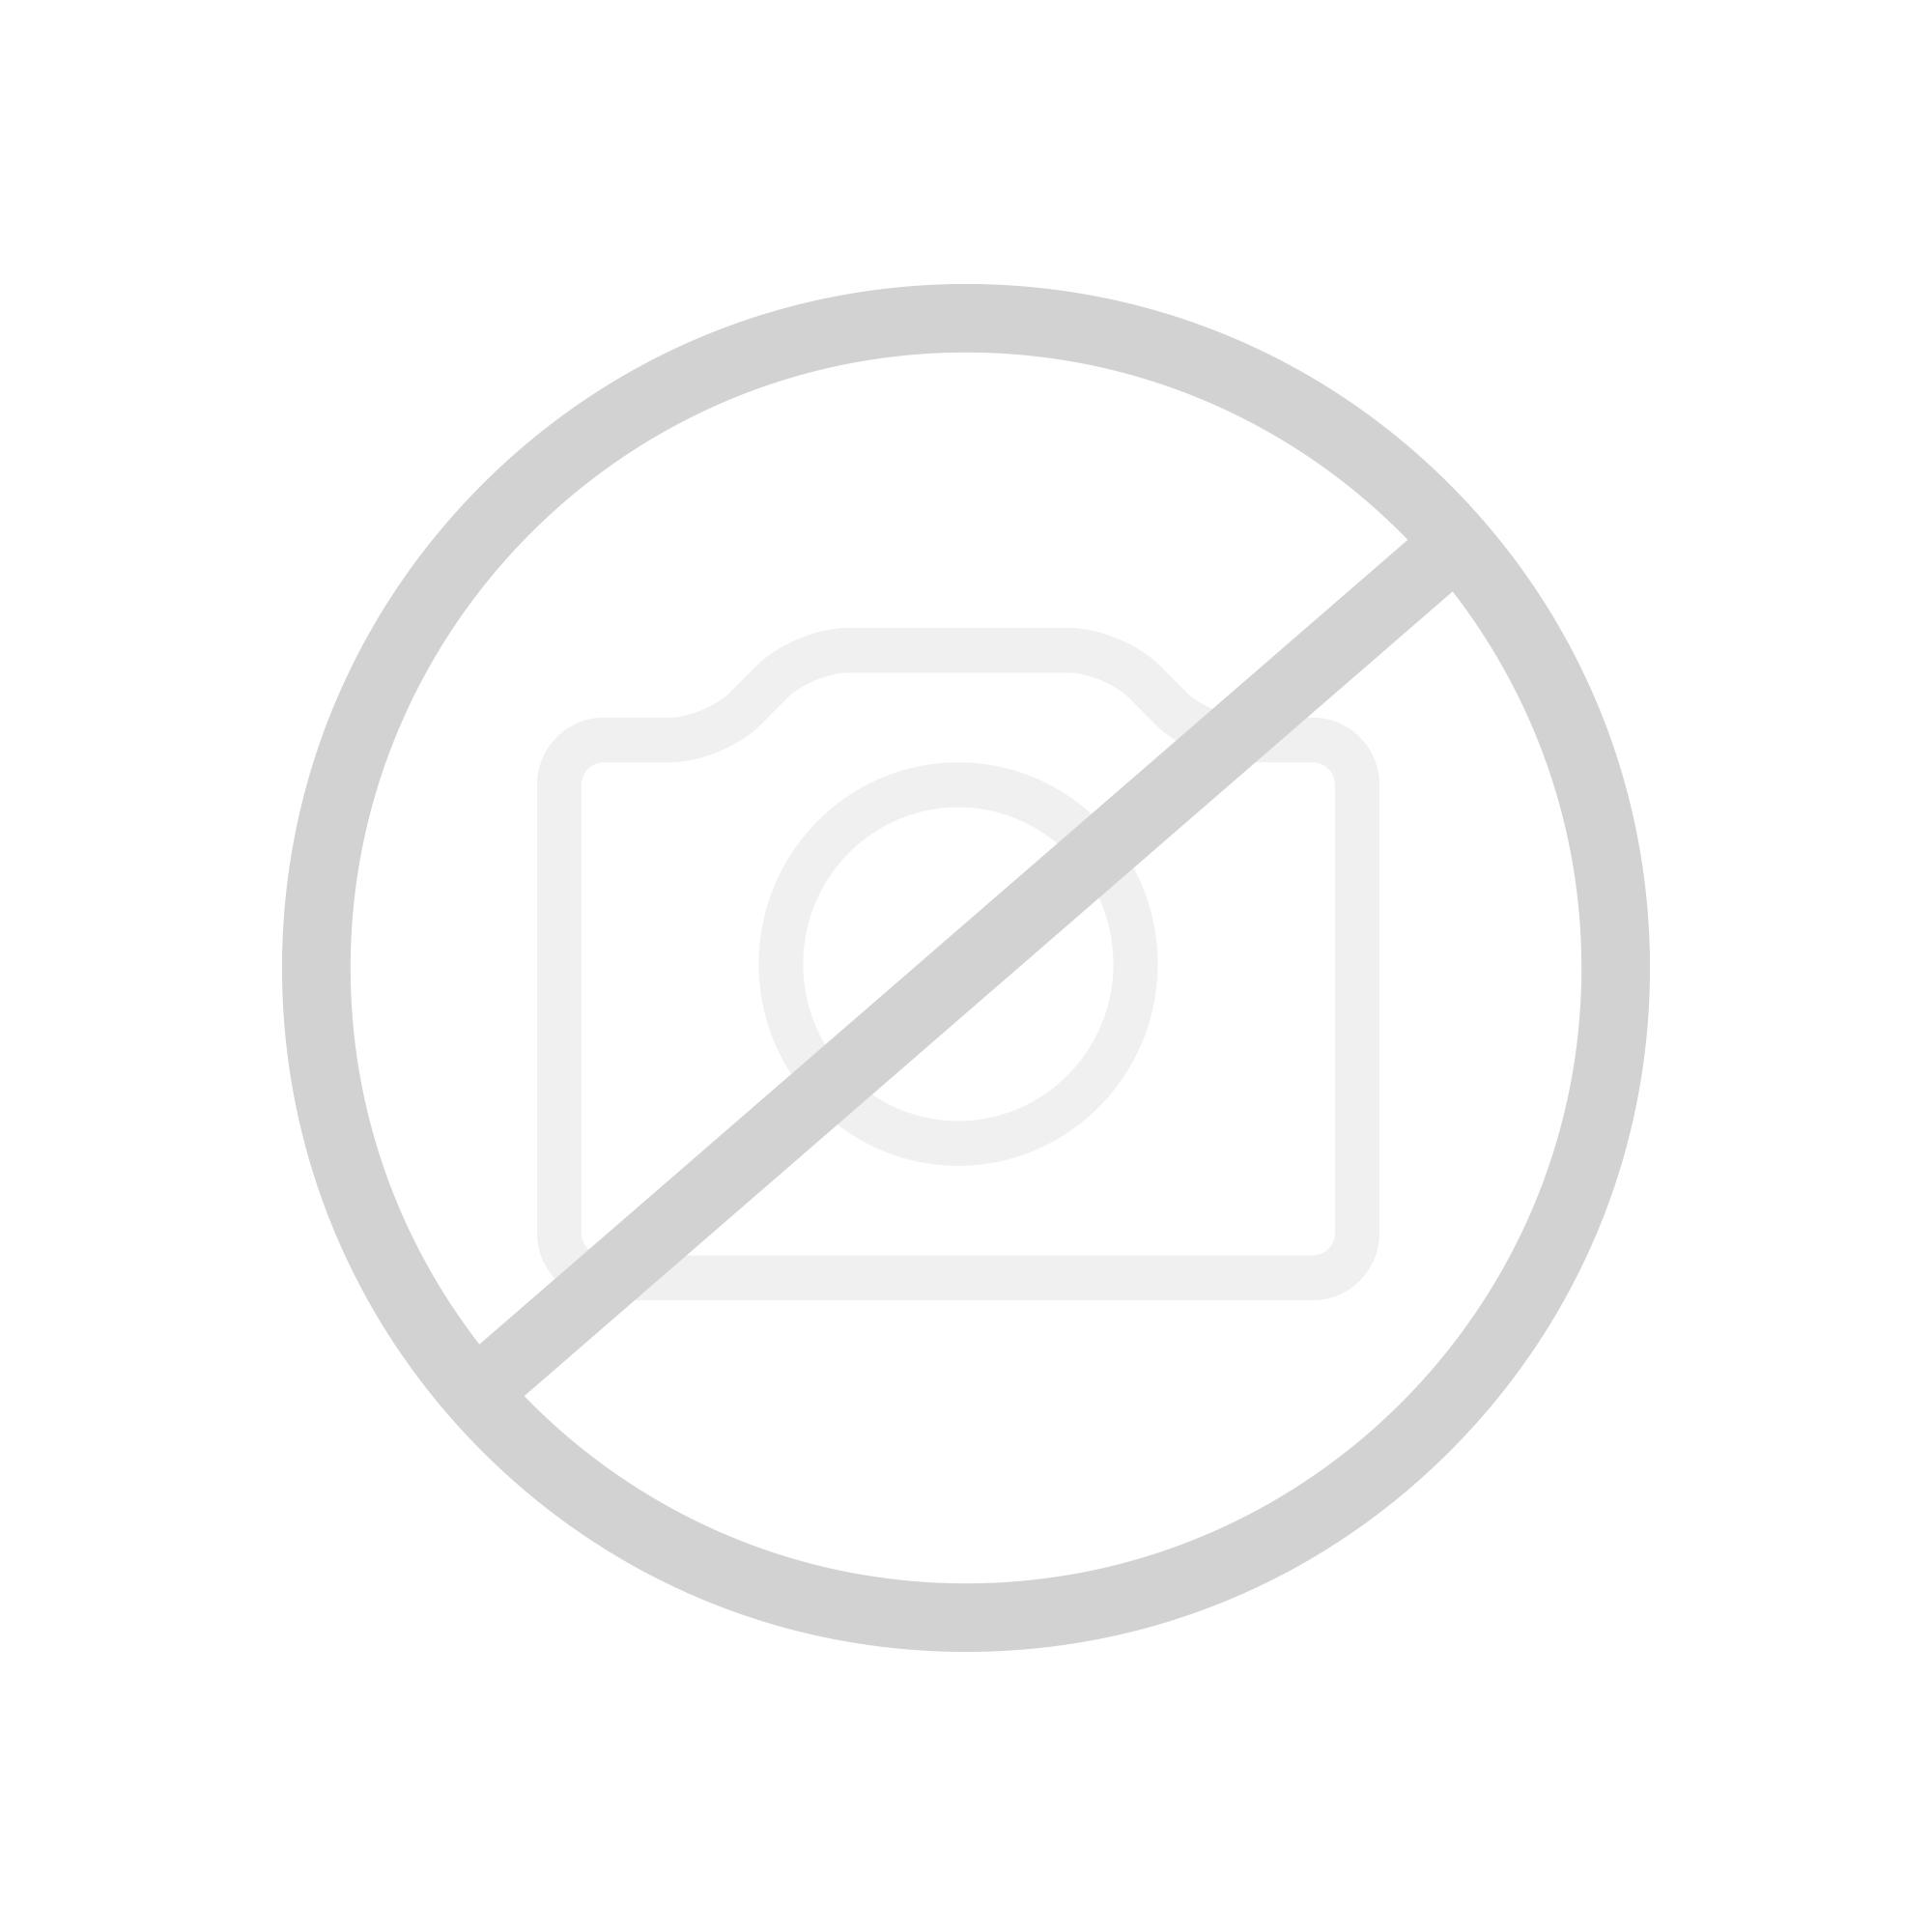 Sanipa 3way Waschtischunterschrank mit 4 Auszügen inkl. Glas-Waschtisch Front weiß soft/ Korpus weiß soft